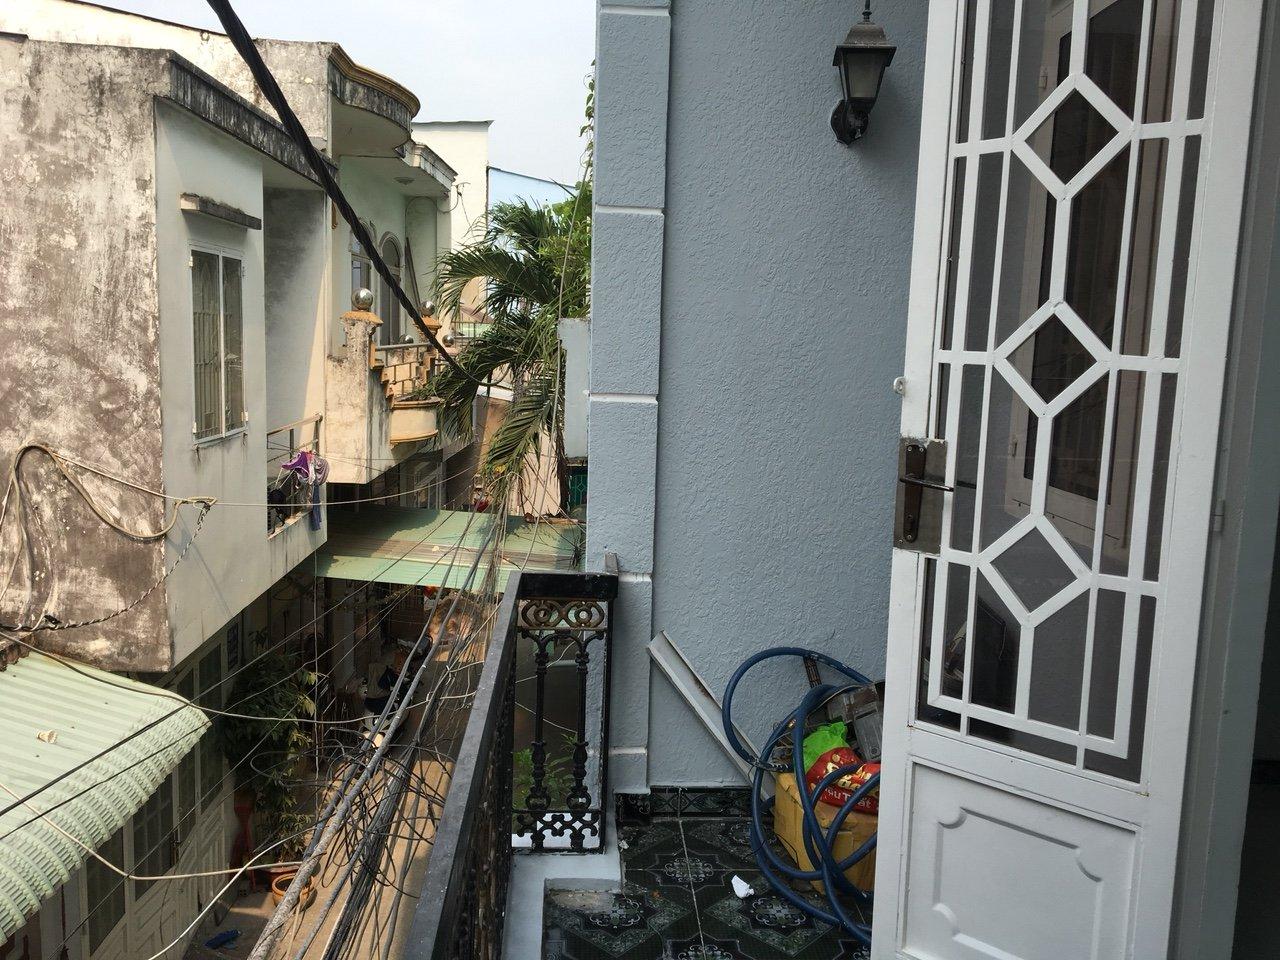 Cần cho thuê nhà nguyên căn HXH 84 Bùi Quang Là, P.12, Q.Gò Vấp, Tp.HCM.